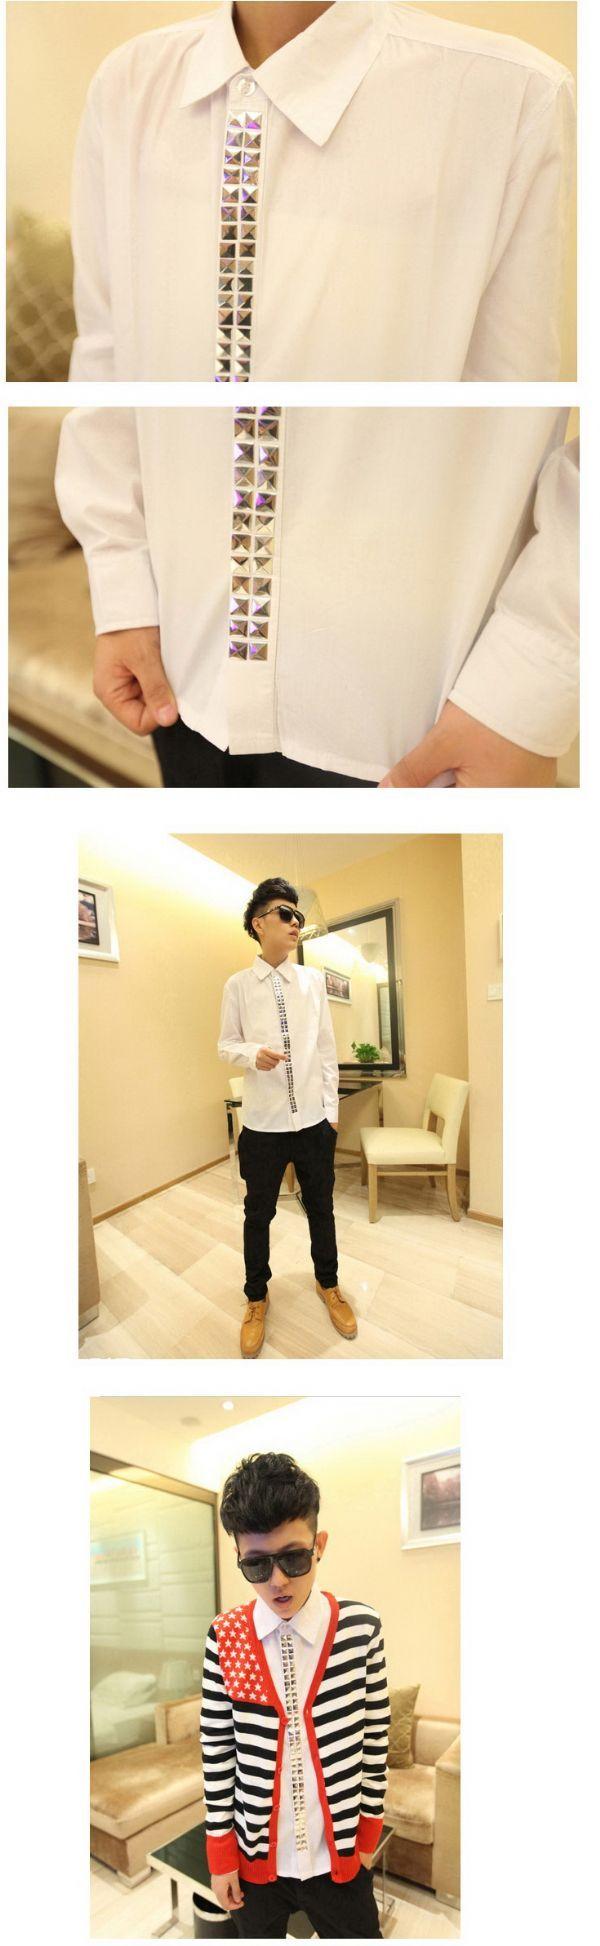 เสื้อผ้าผู้ชาย : เสื้อเชิร์ตสาบปักหมุดเหลี่ยม